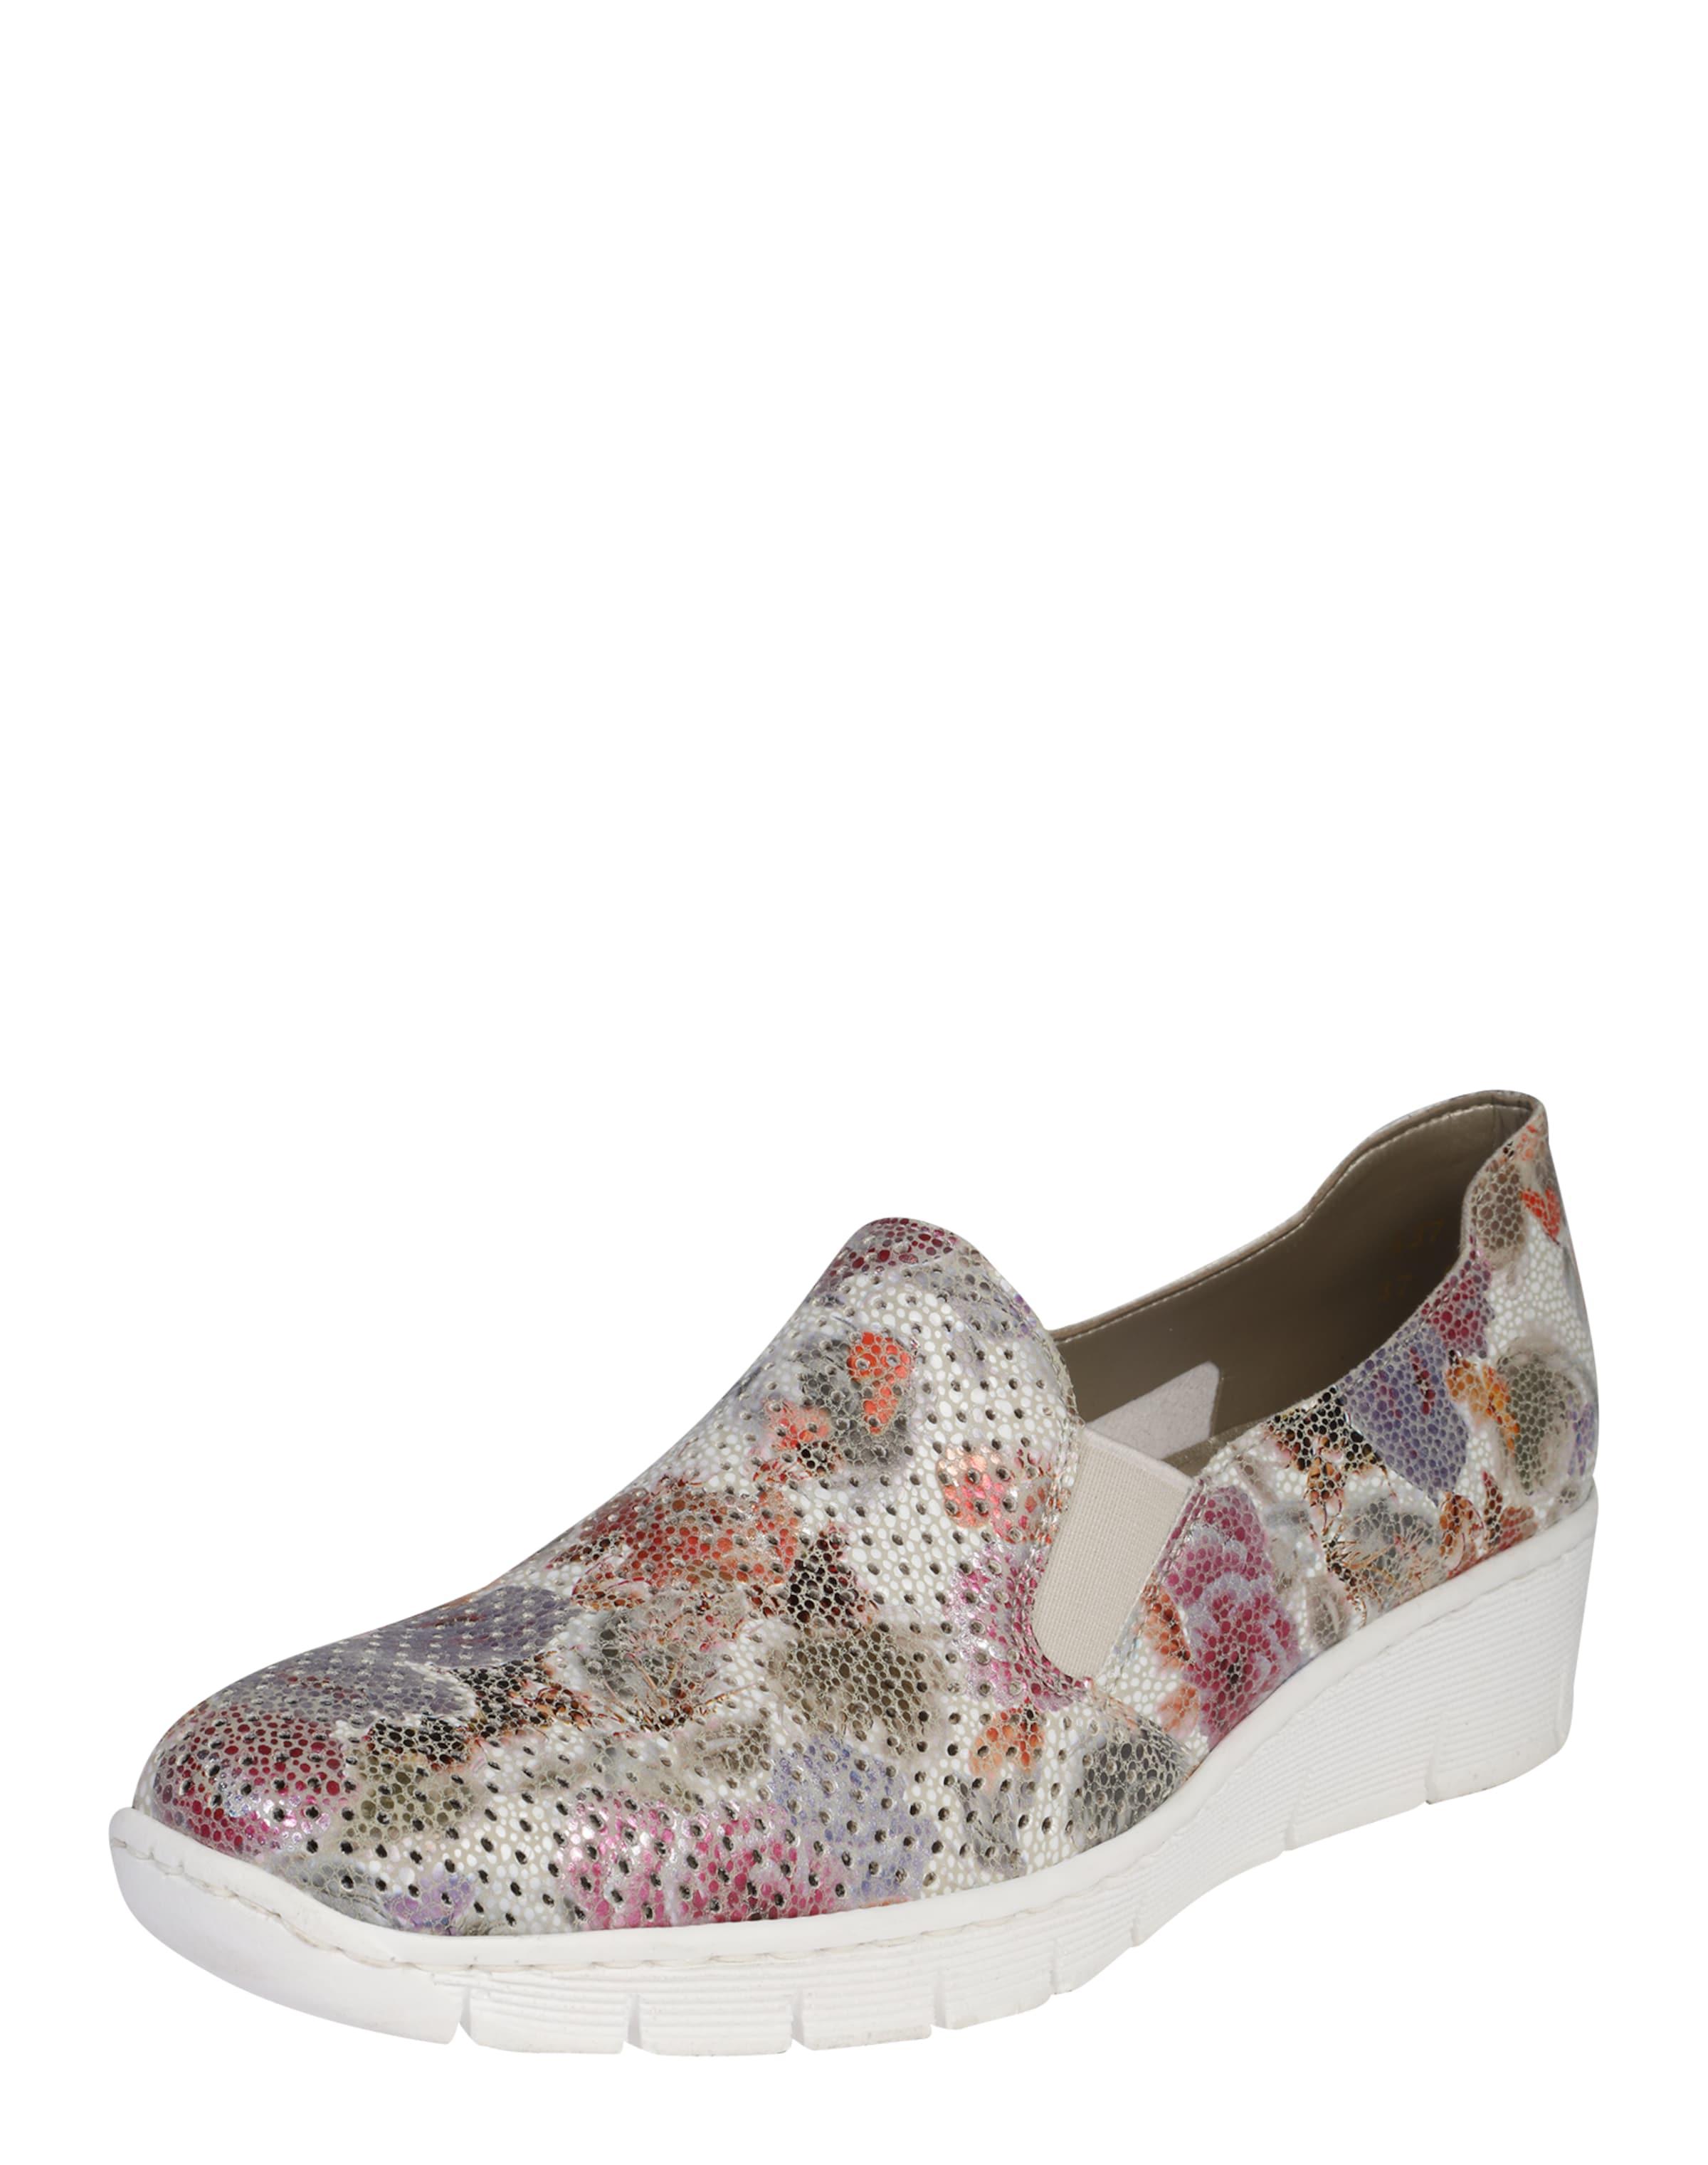 RIEKER Slipper Floral Verschleißfeste billige Schuhe